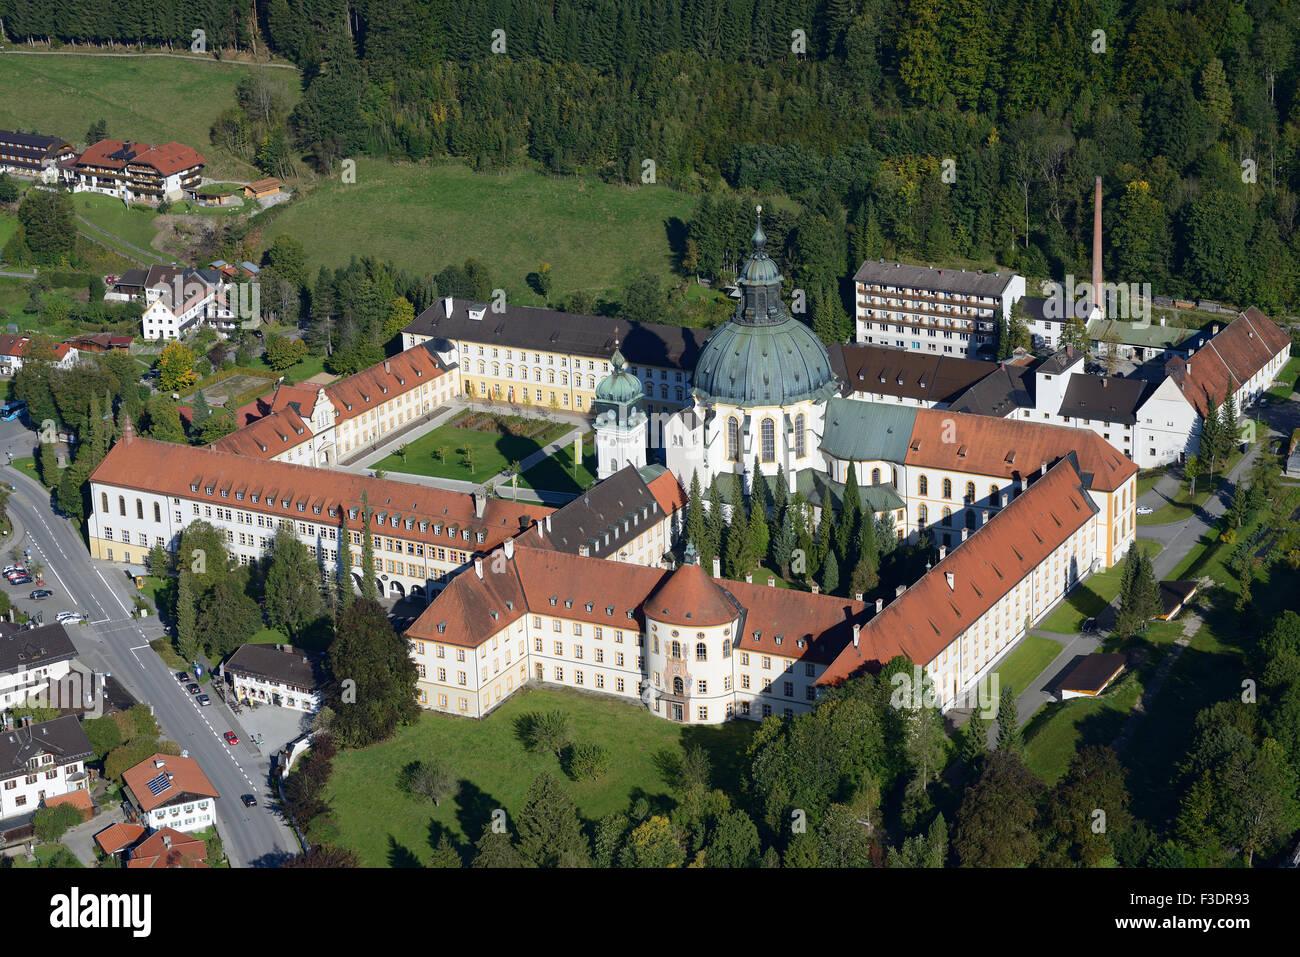 Abbaye ETTAL (vue aérienne). Monastère bénédictin dans le village d'Ettal, Bavière, Photo Stock